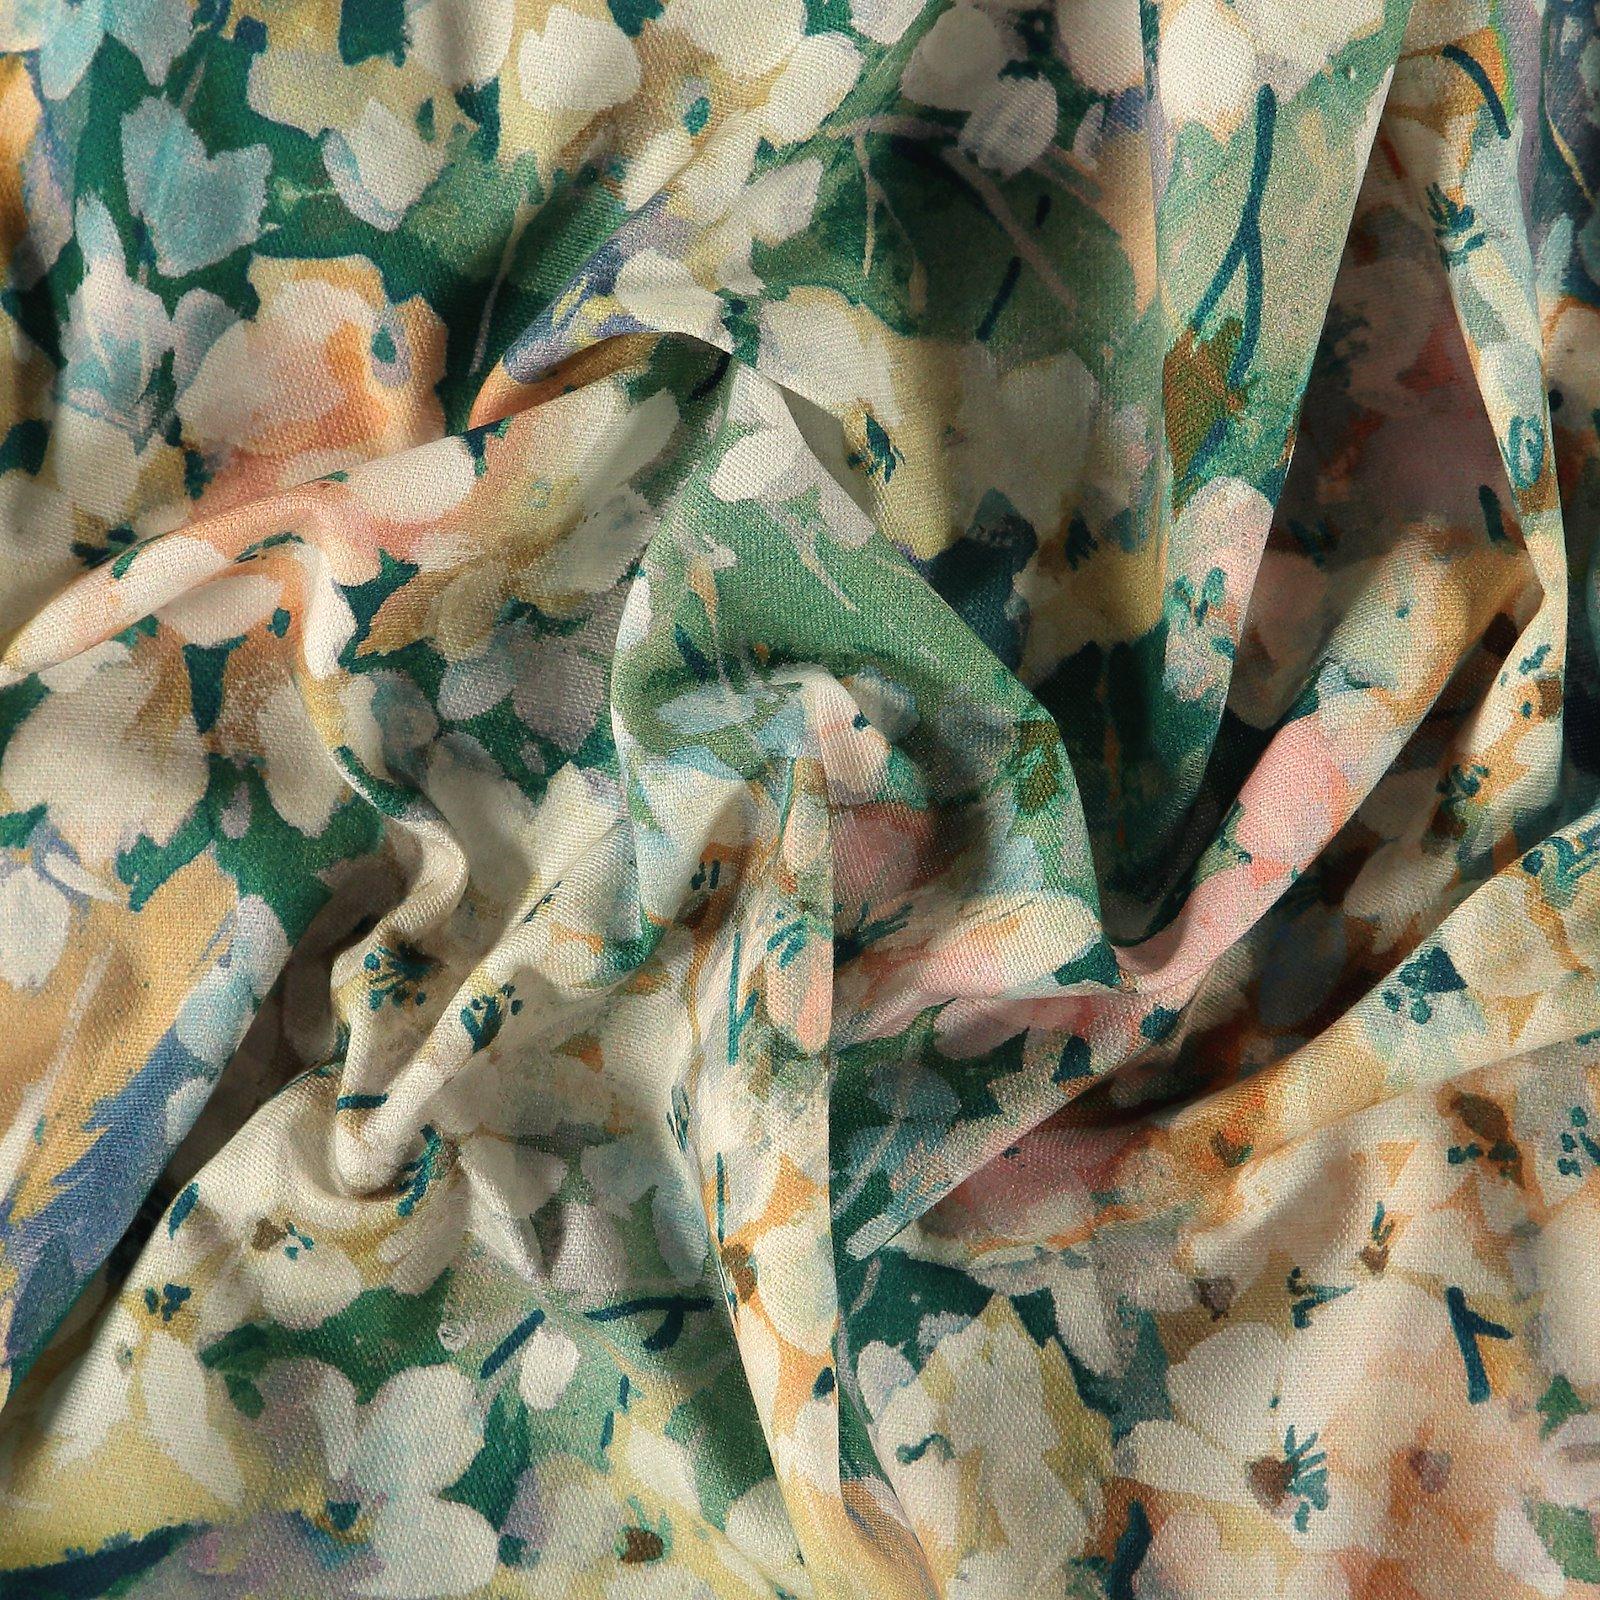 Baumwolle gewebt, mehrfarbige Blumen